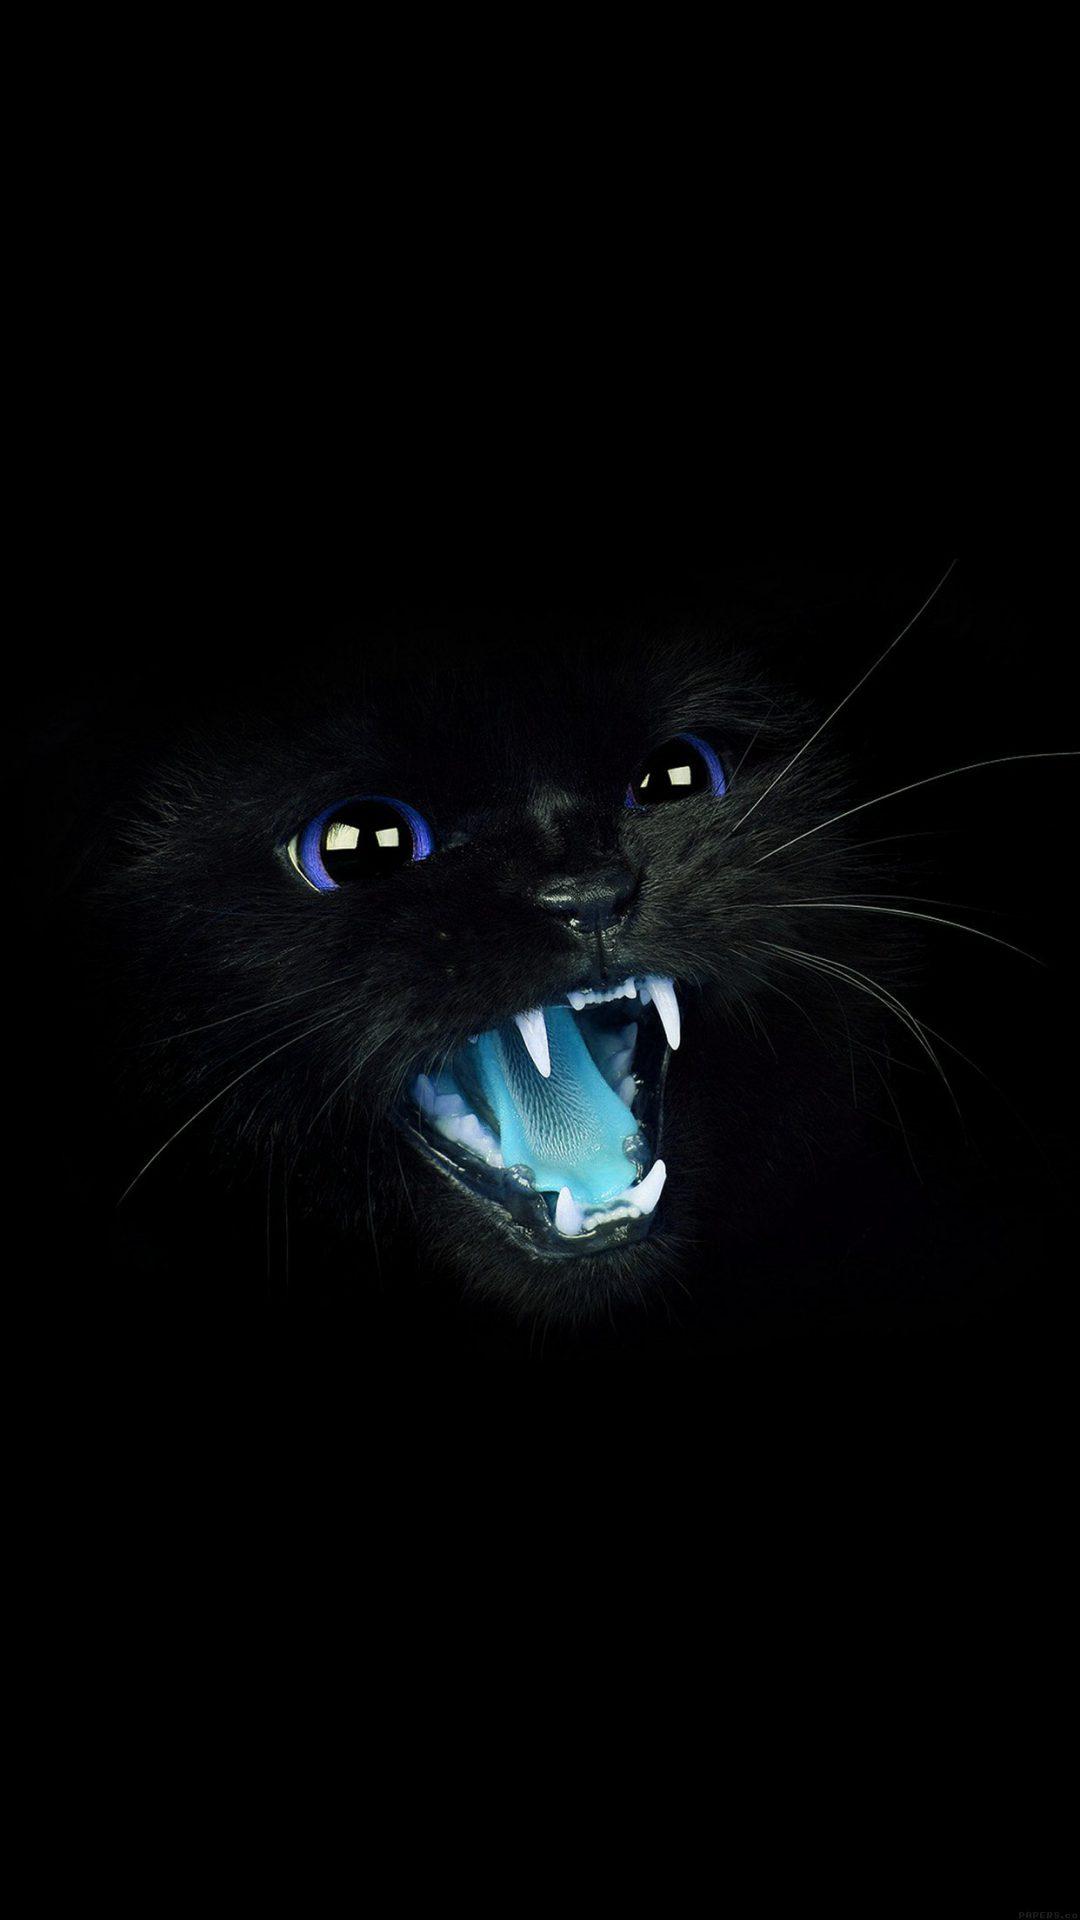 Black Cat Blue Eye Roar Animal Cute